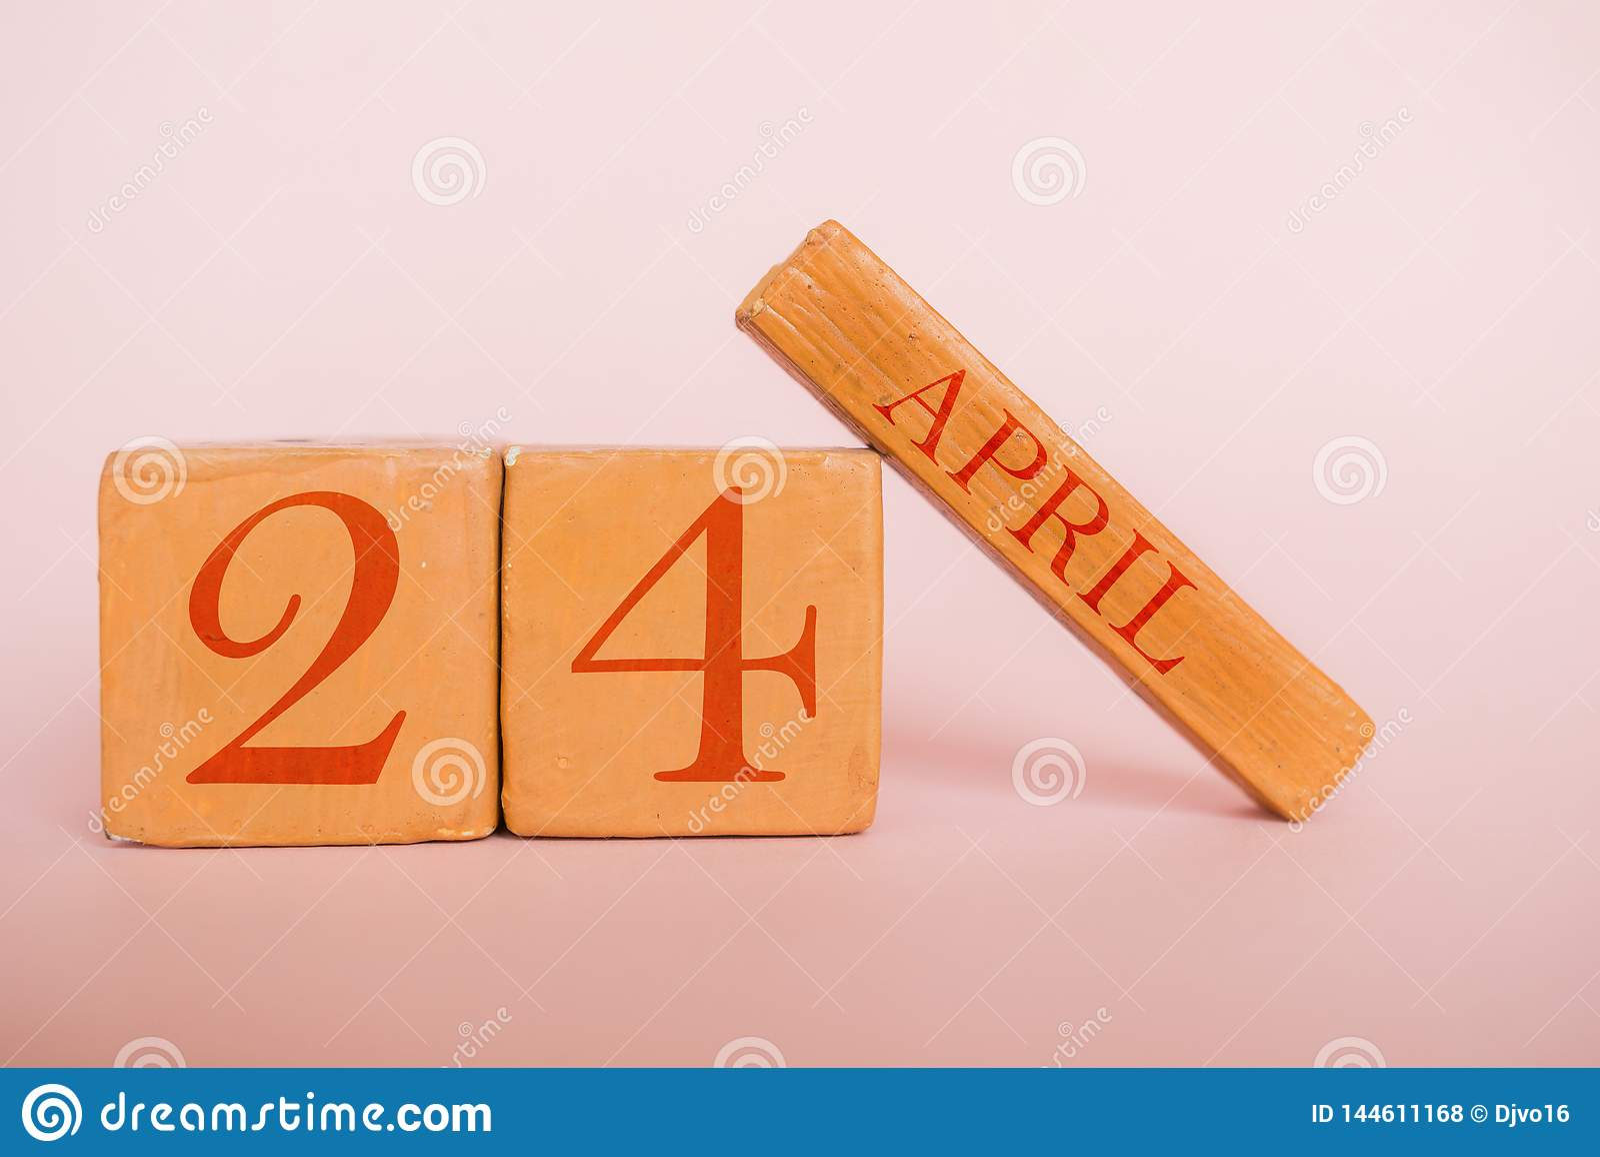 April 24th Dag 24 av månaden, handgjord träkalender på modern färgbakgrund vårmånad, dag av årsbegreppet